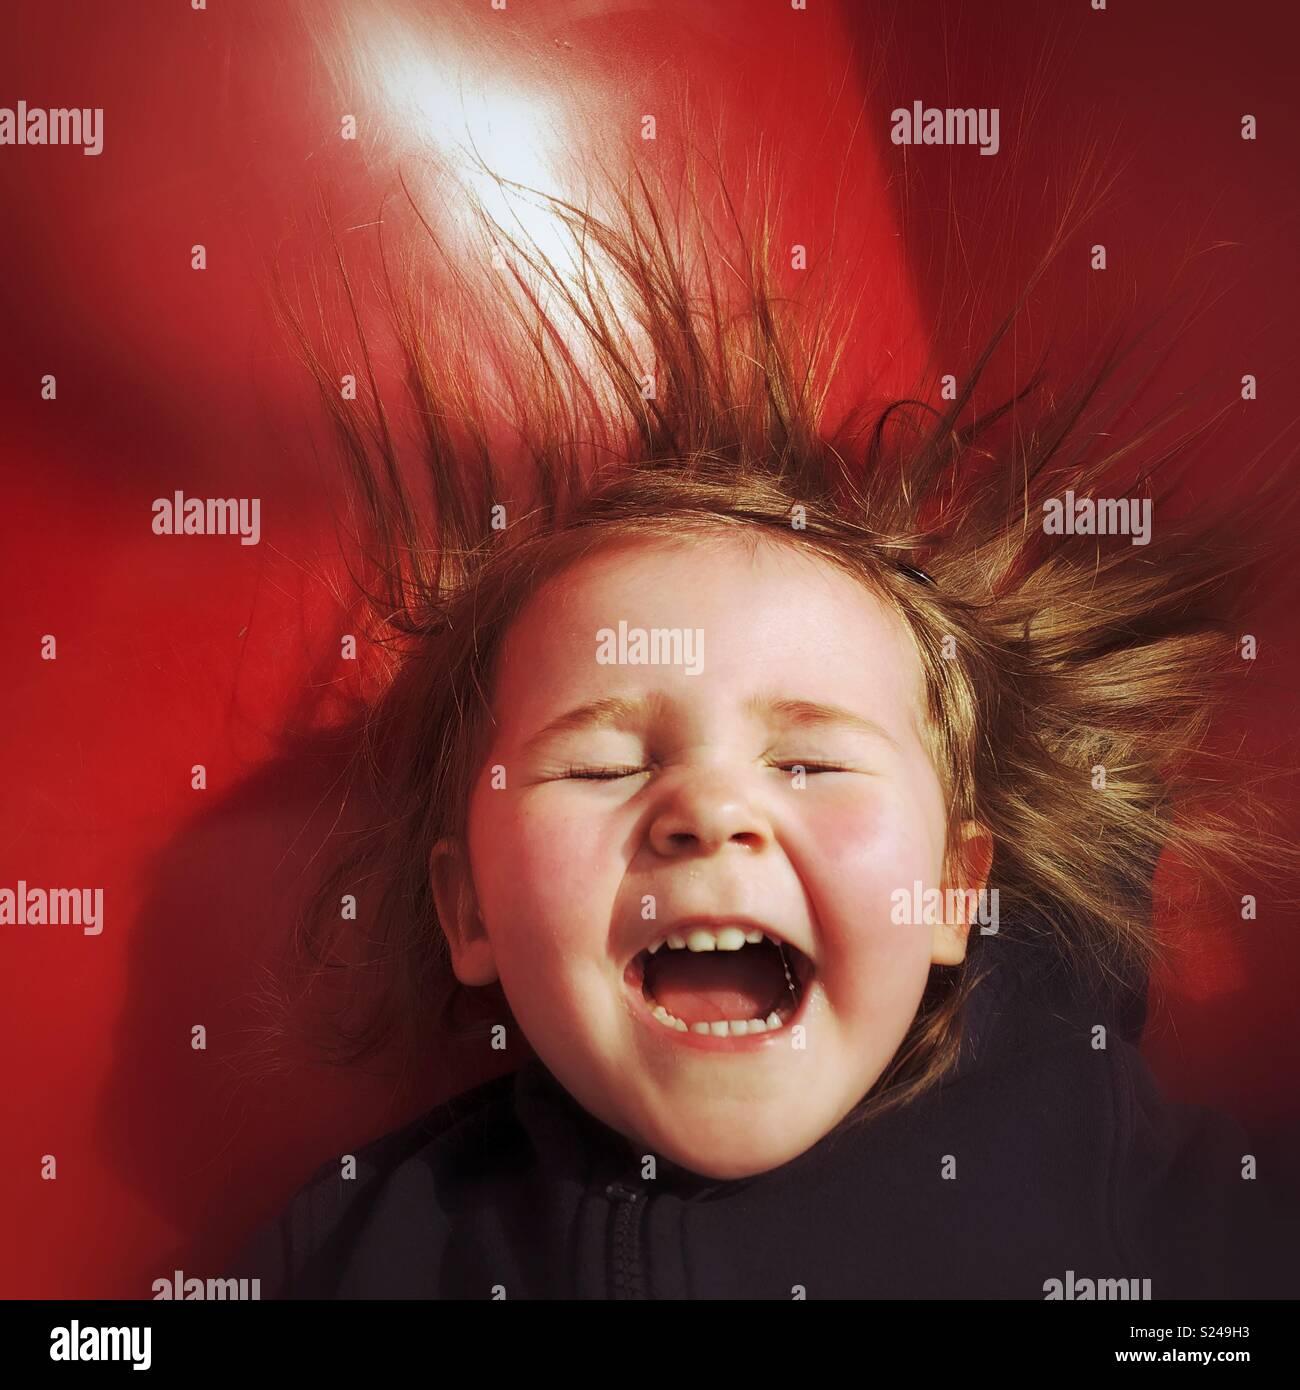 Bébé fille rire avec joie comme elle glisse vers le bas une diapositive rouge Photo Stock